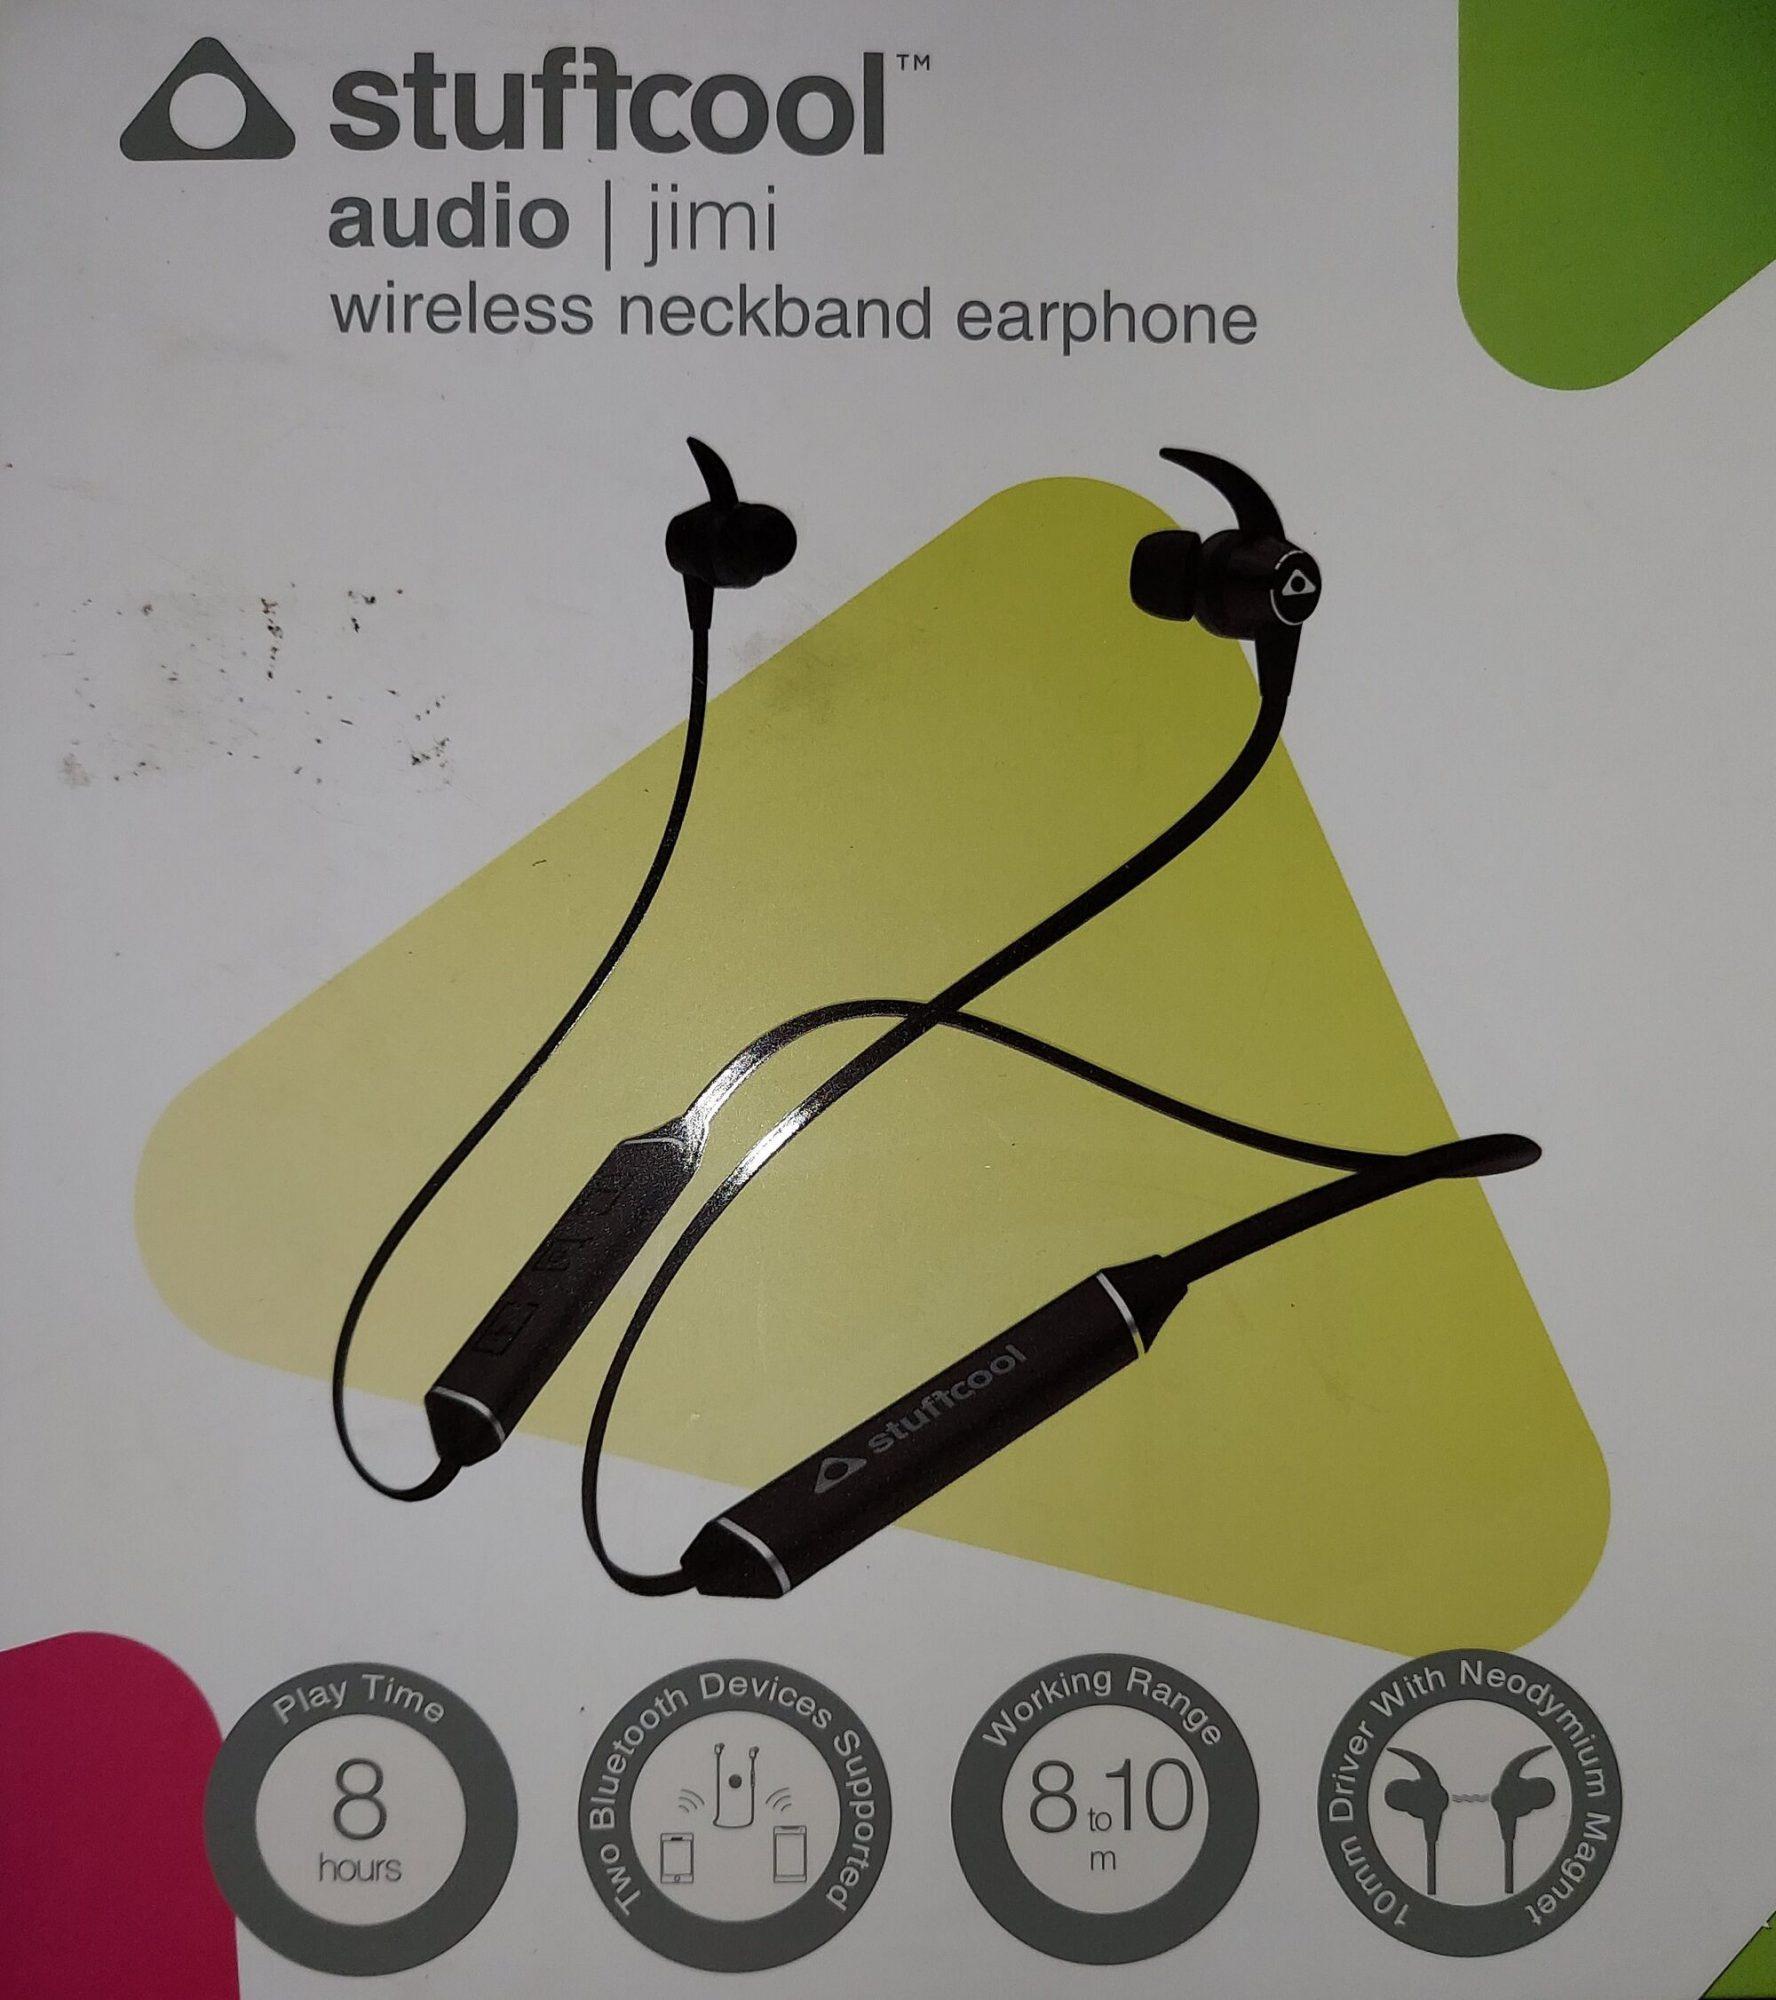 Stuffcool Audio Jimi